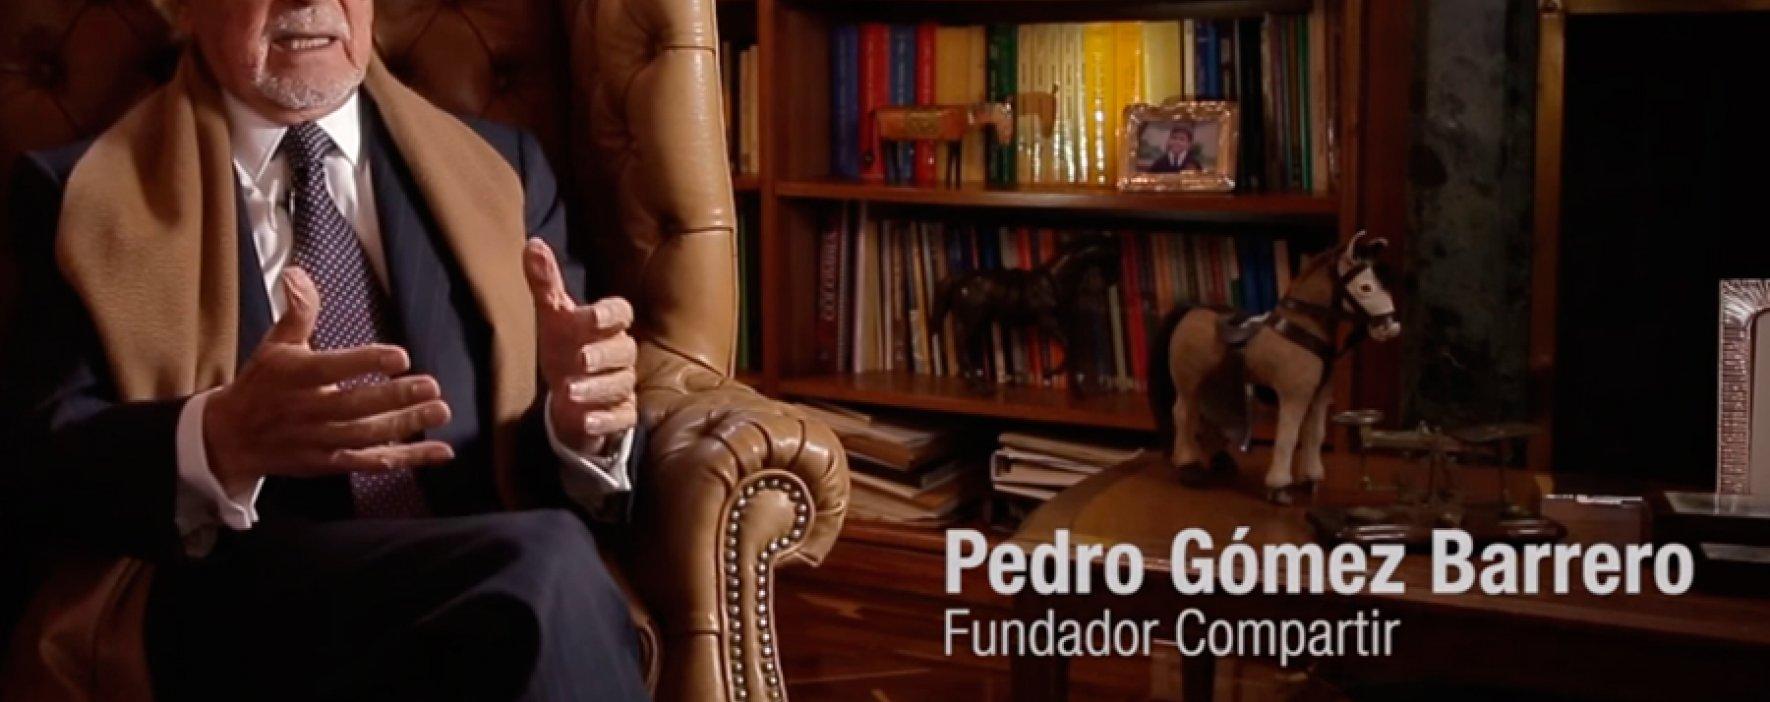 Pedro Gómez, un legado y un consejo a la nueva presidente de la Fundación Compartir